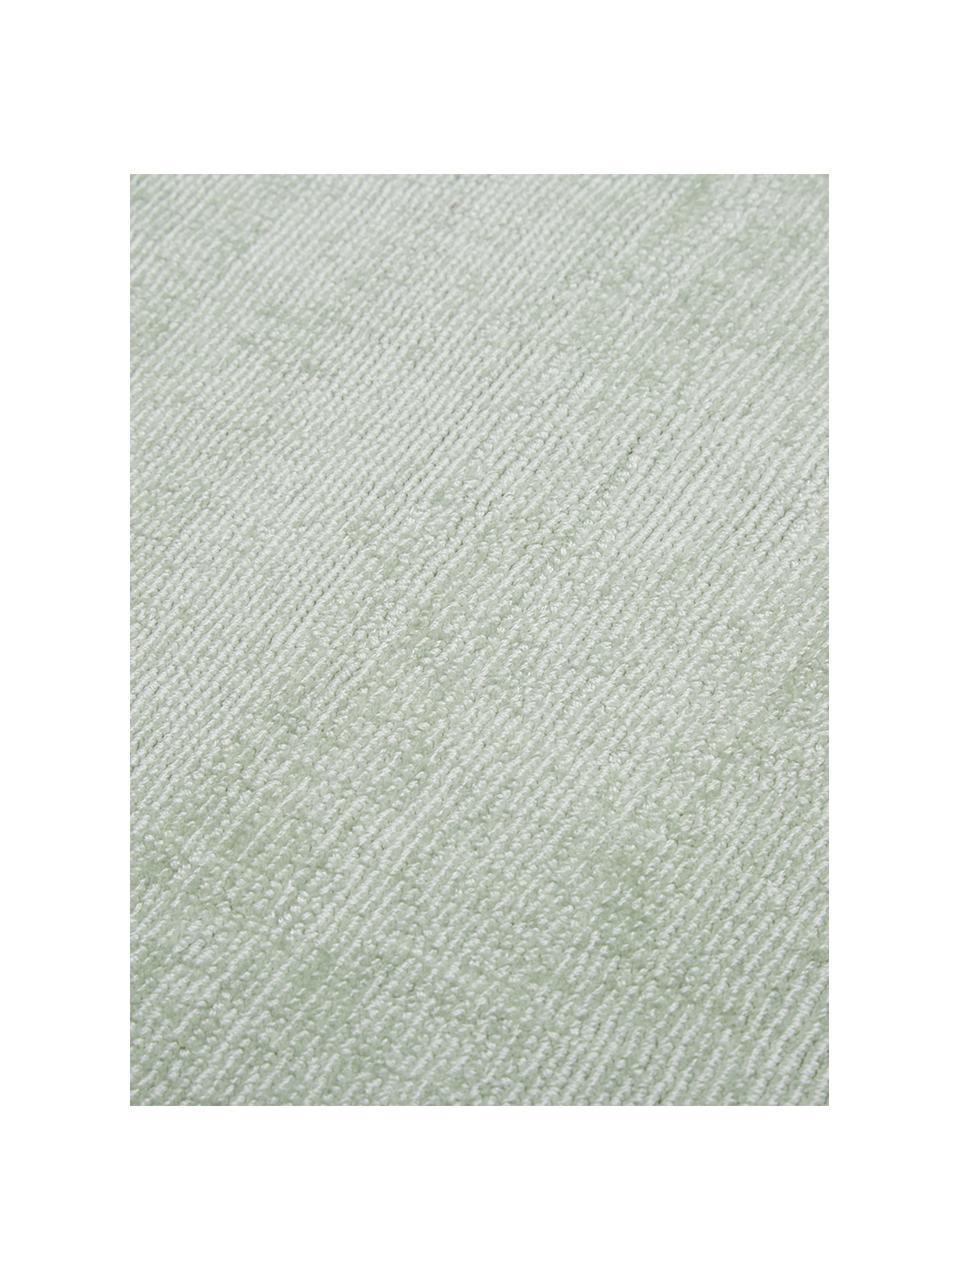 Ręcznie tkany dywan z wiskozy Jane, Szarozielony, S 120 x D 180 cm (Rozmiar S)